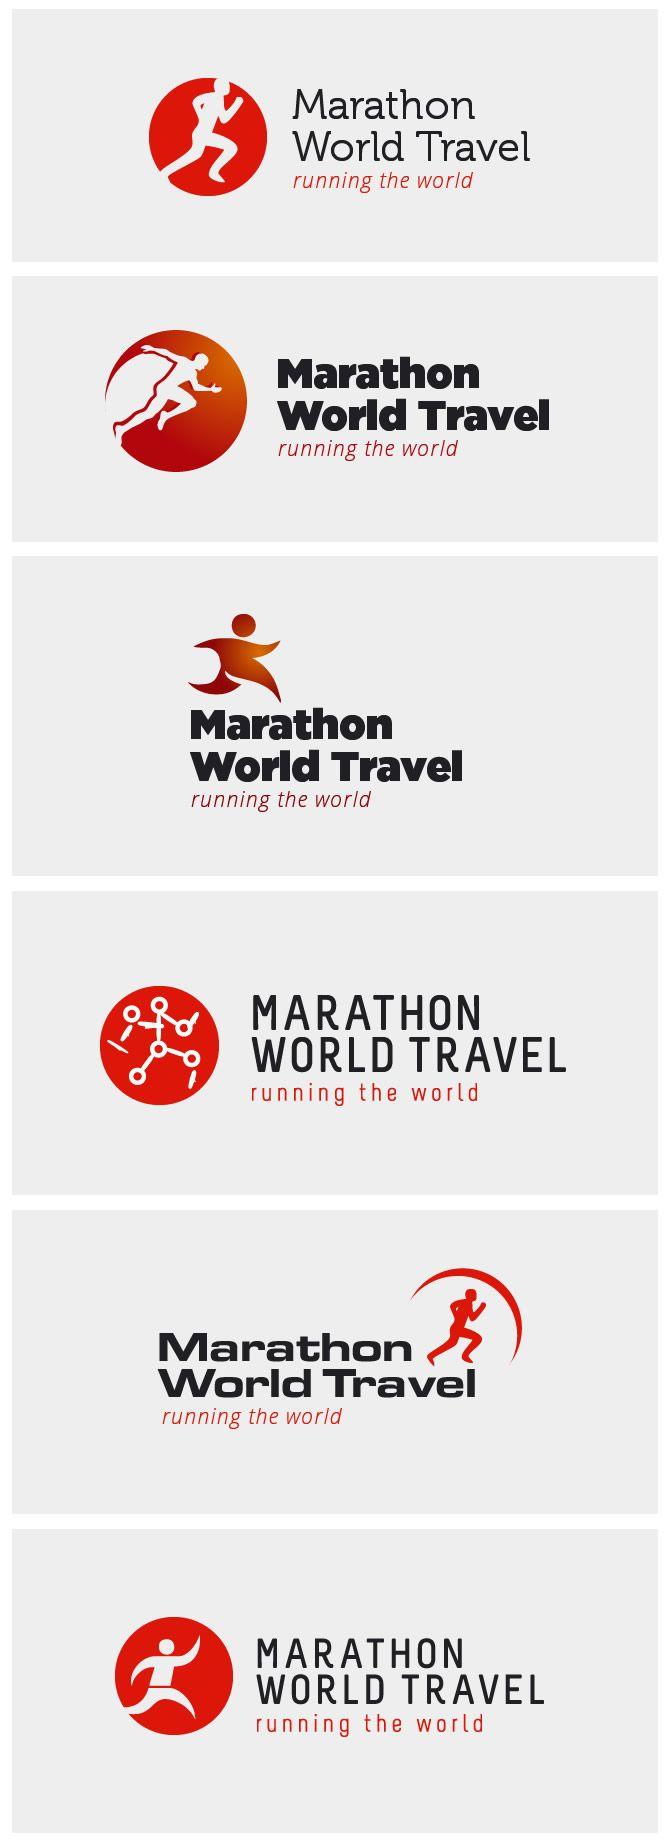 Marathon World Travel